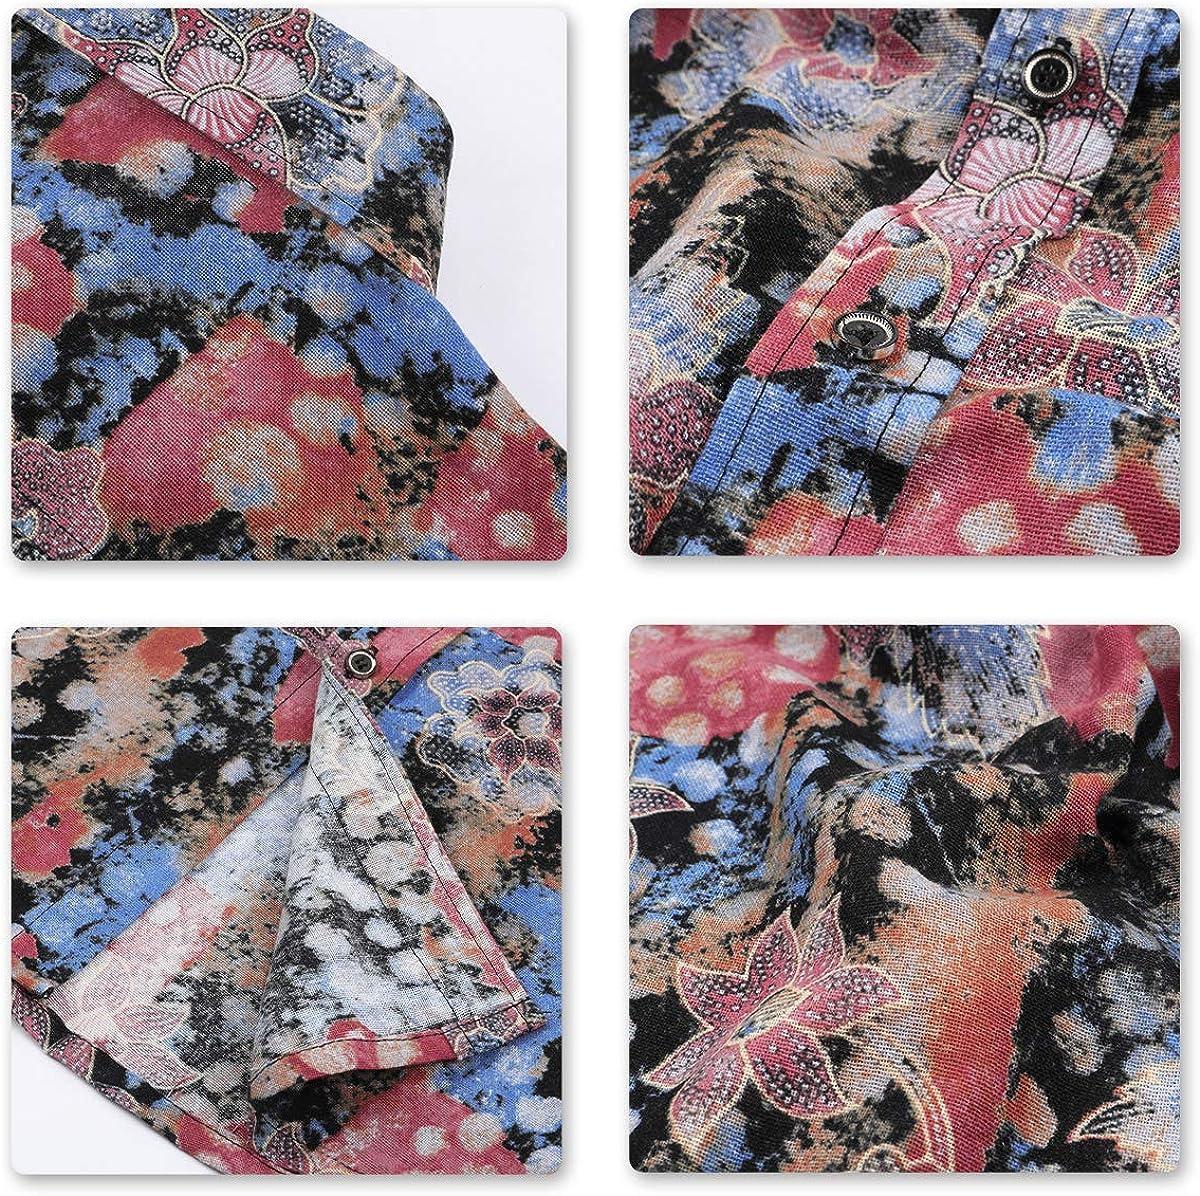 Camicia Elegante da Uomo Camicia Elegante a Maniche Lunghe in Lino Stampato Camicia Casual Fantasia Floreale Tops Pattern Unico